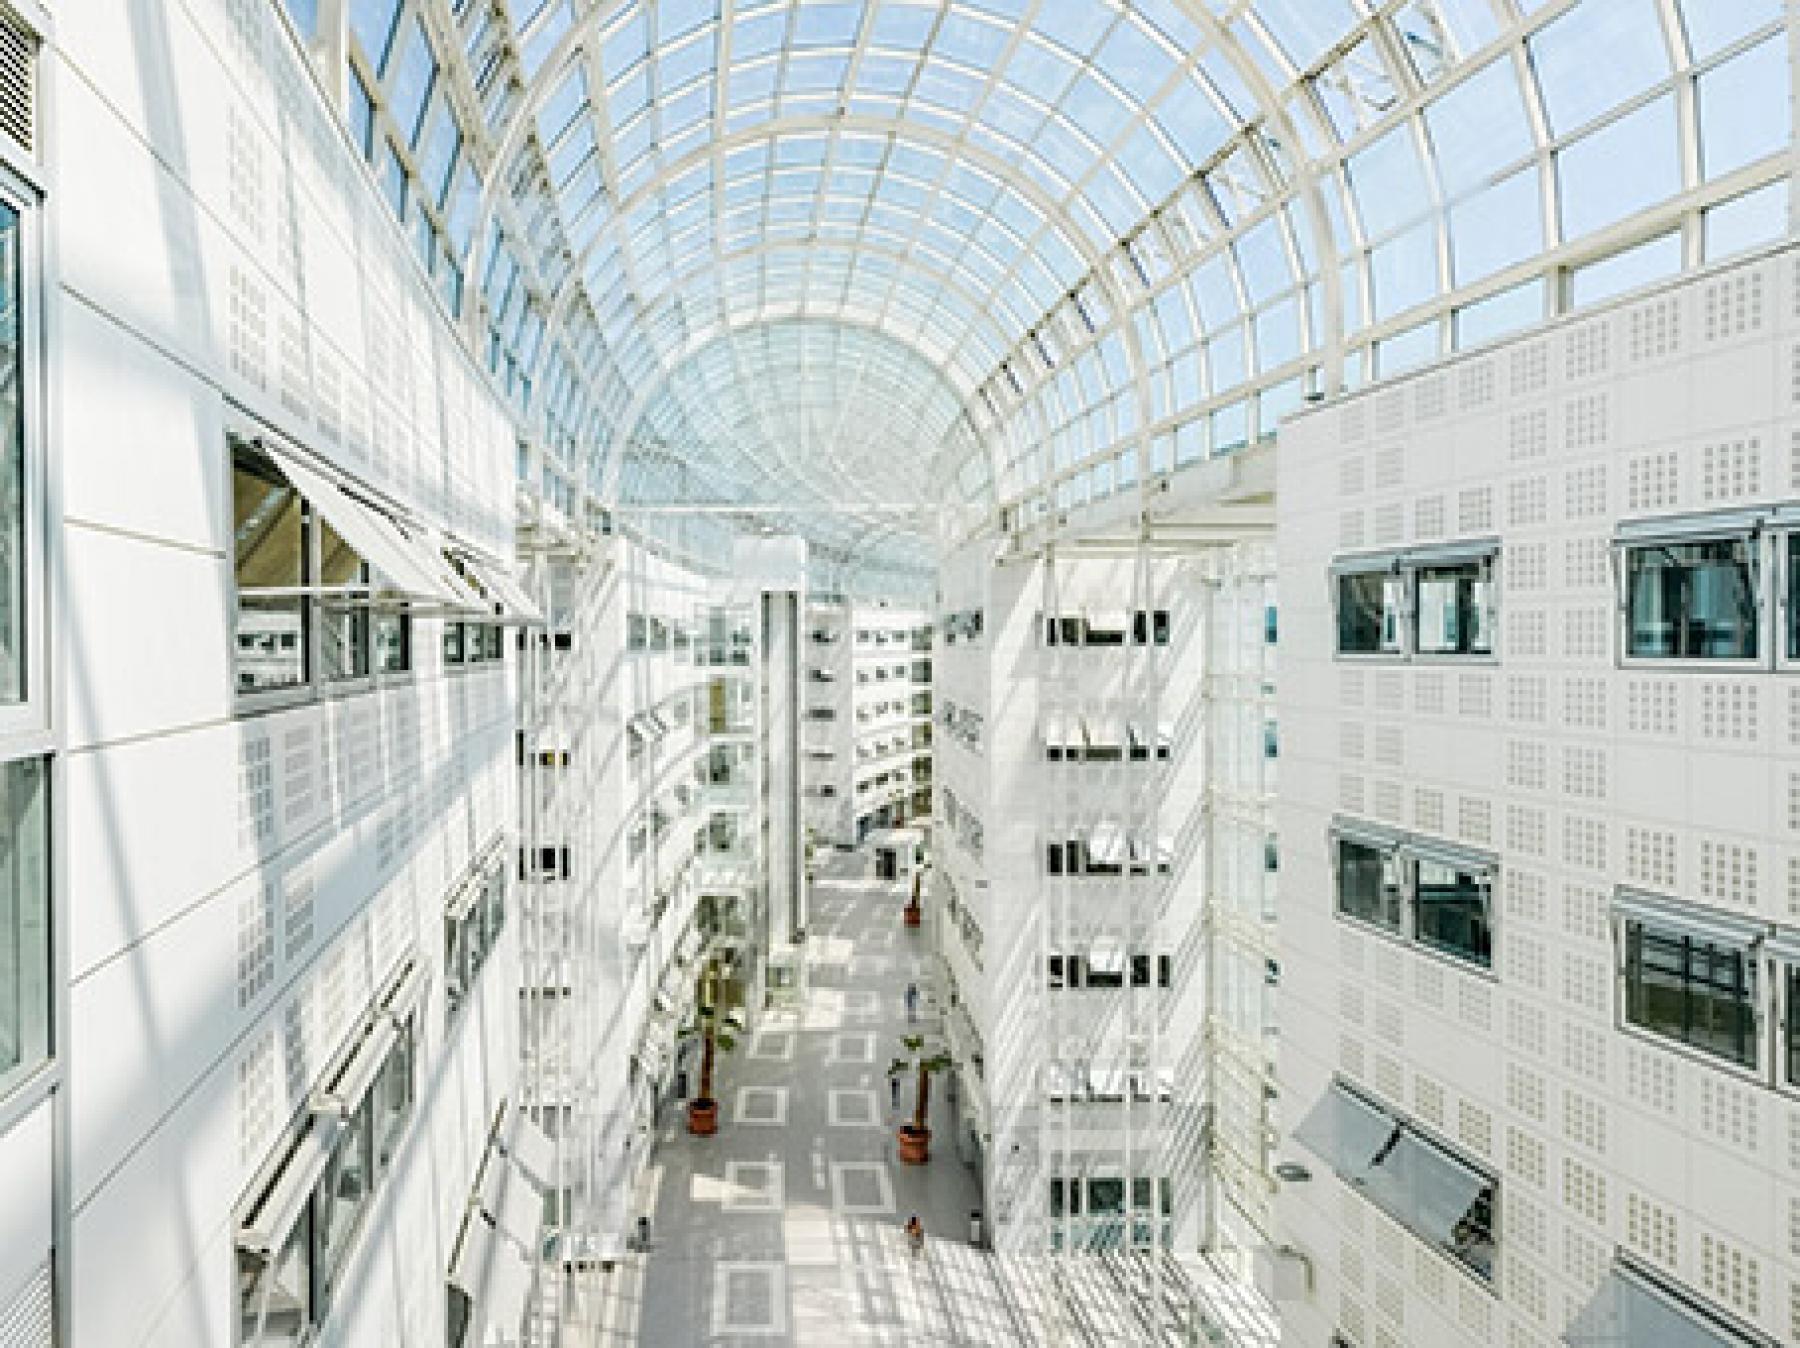 Notre centre d'affaires est doté d'une verrière pour profiter optimalement de la lumière naturelle dans la rue de la Haye